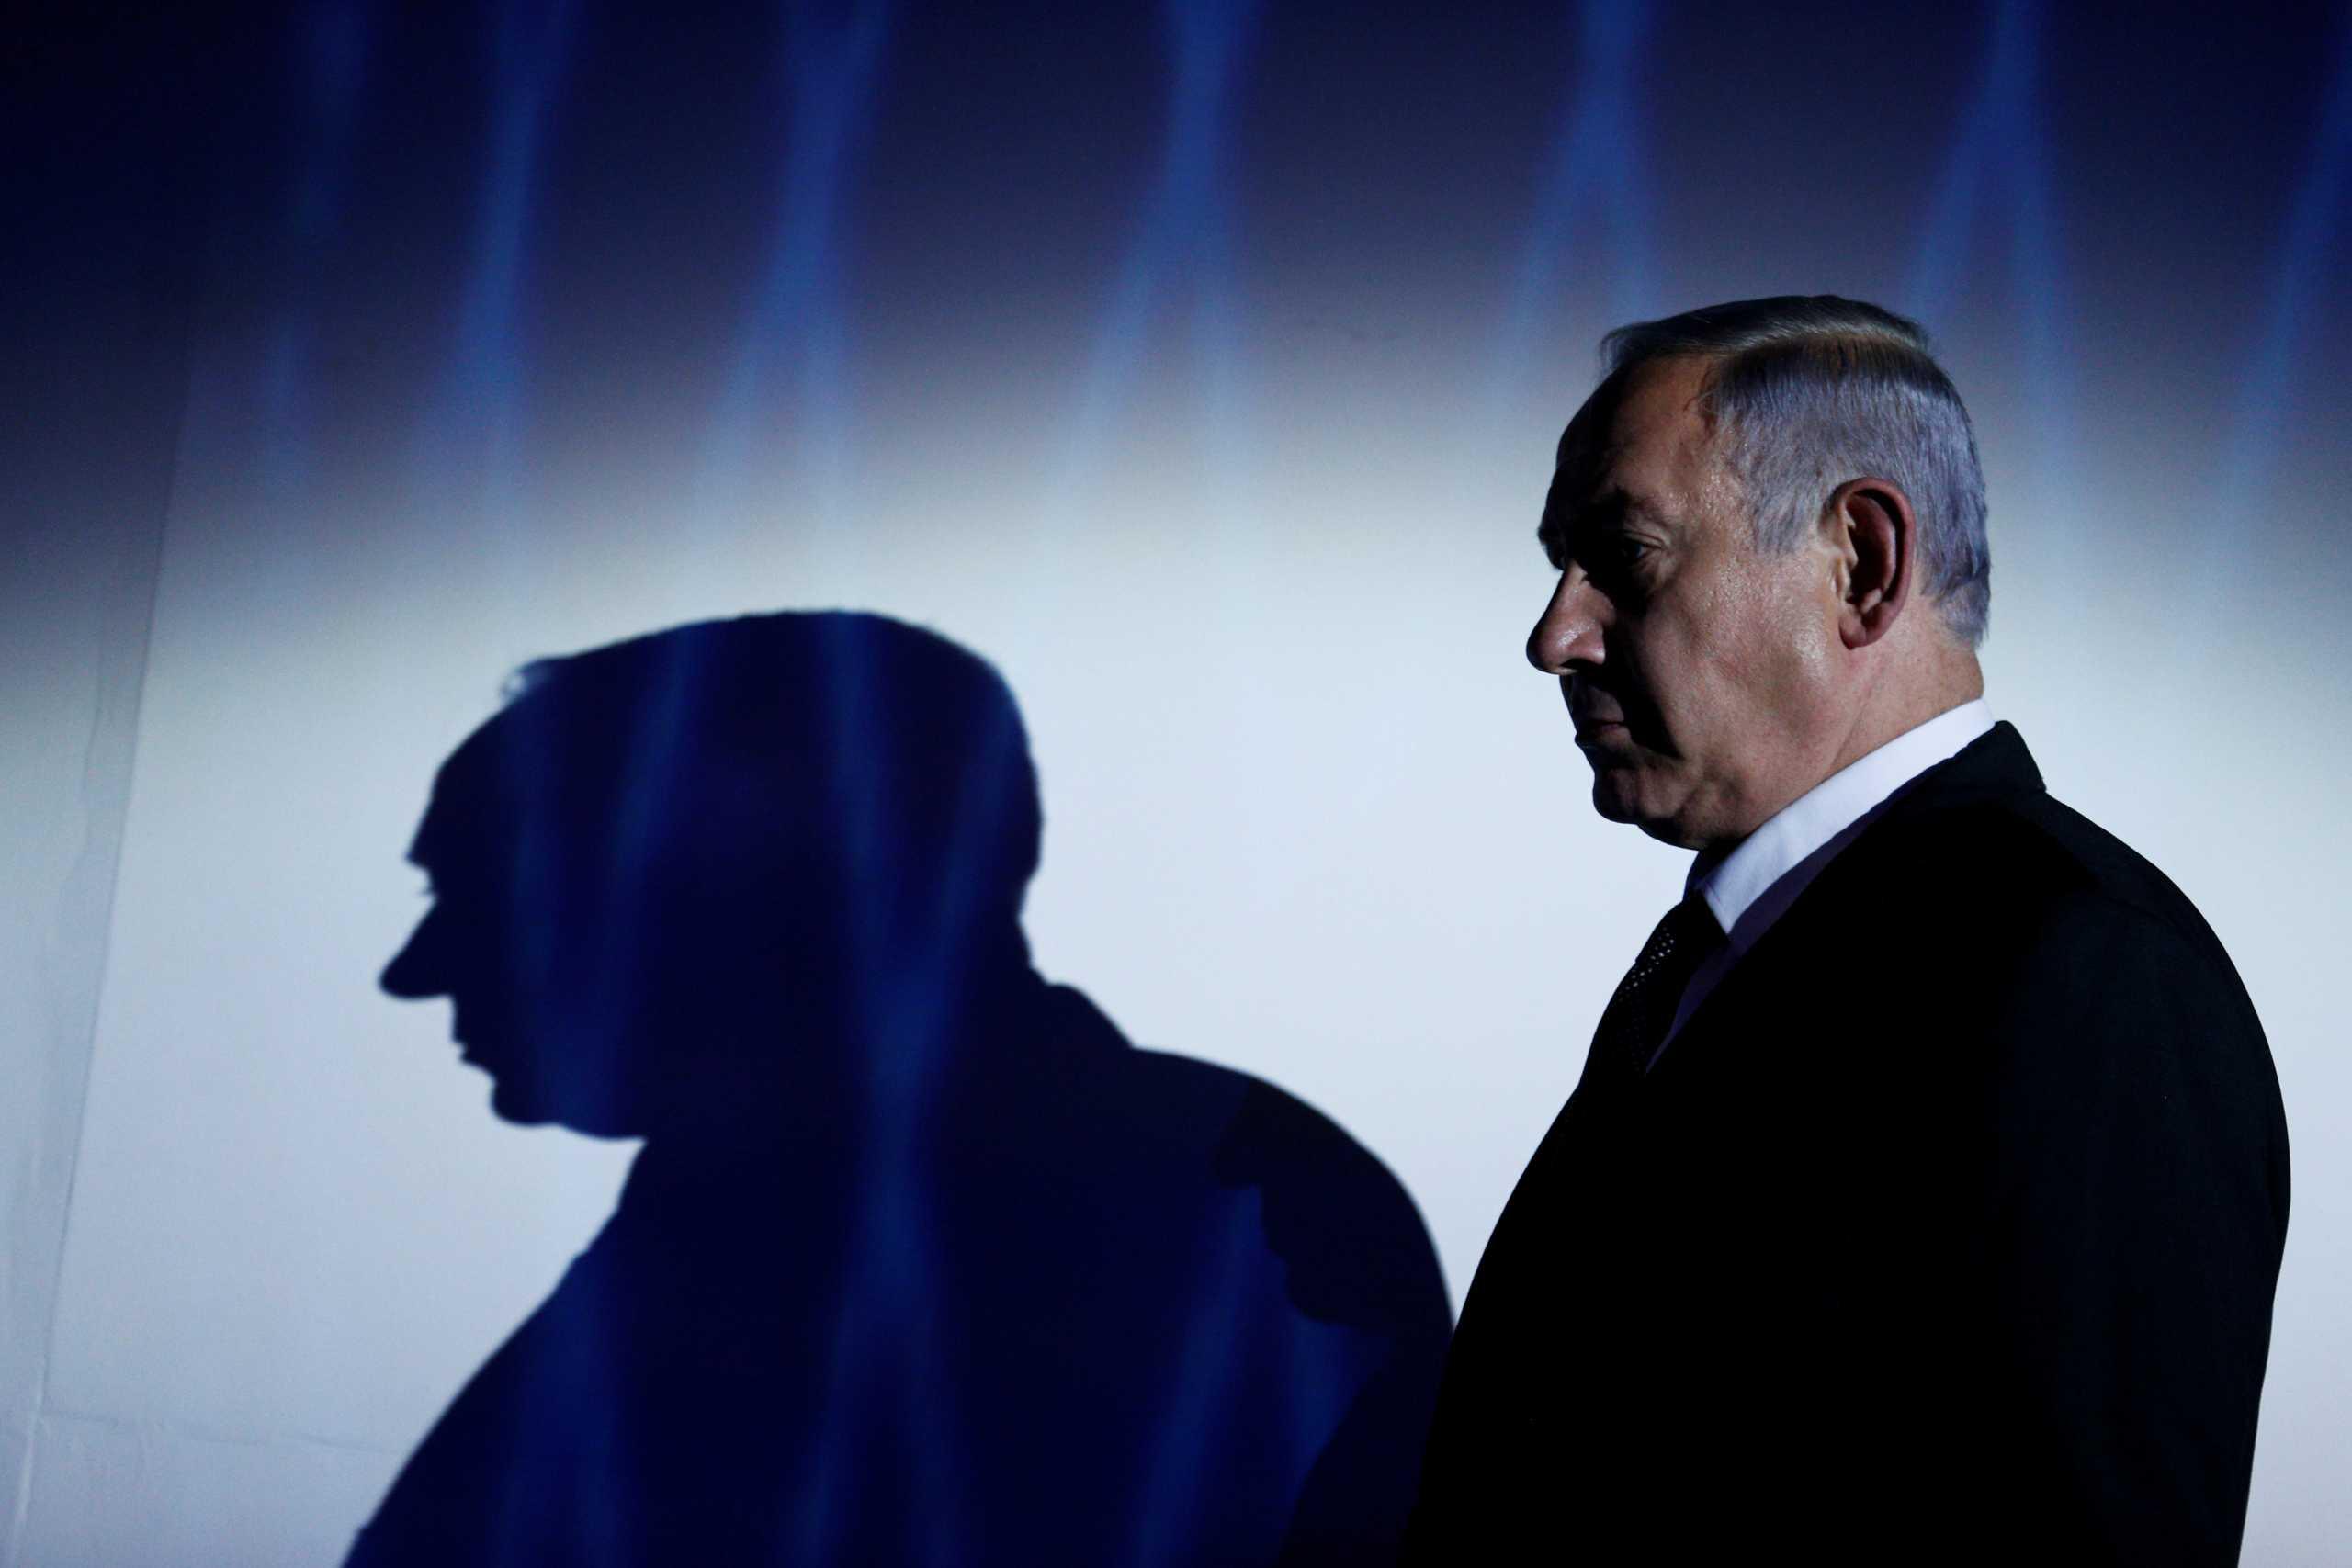 Ισραήλ: Το τέλος εποχής Νετανιάχου φέρνει φόβους για επεισόδια